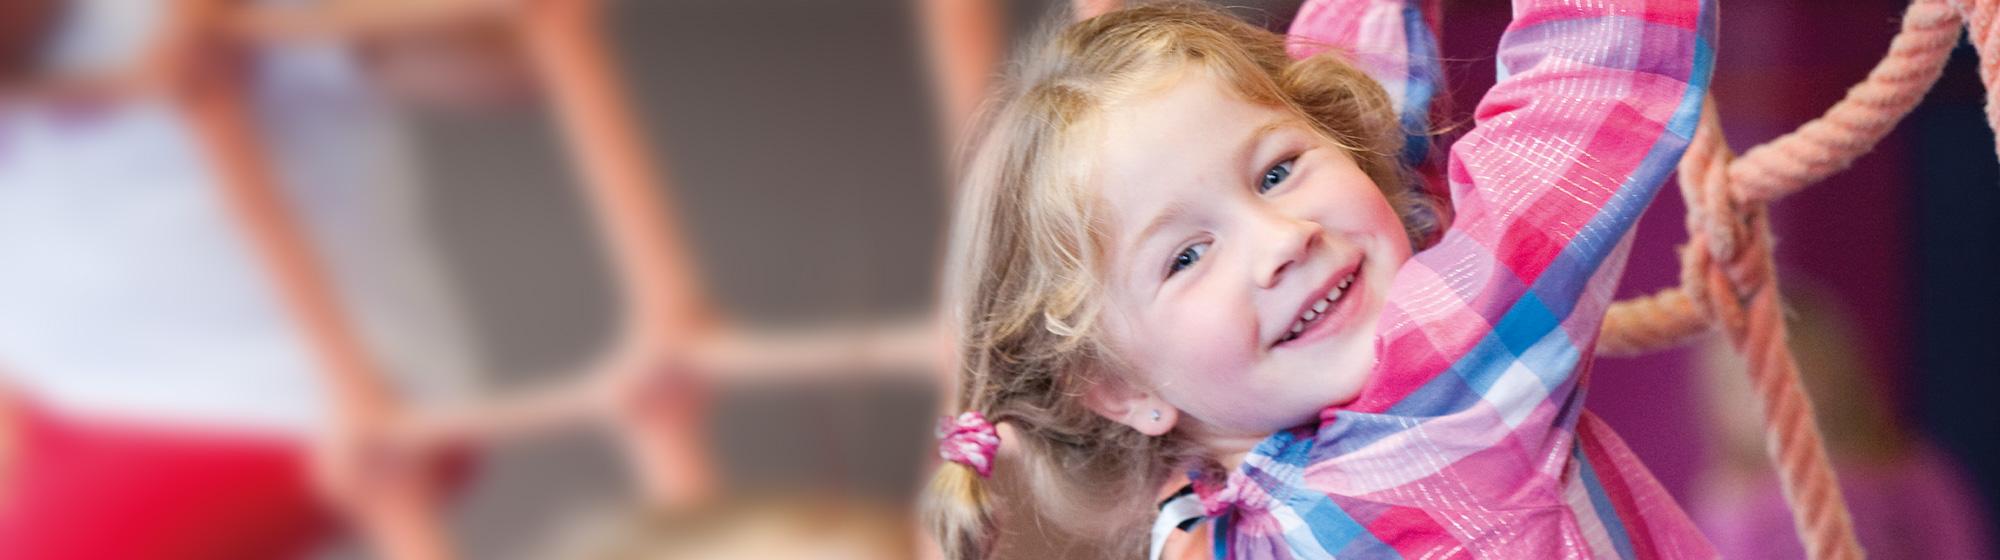 Ein Mädchen klettert an einem Seilnetz und schaut dabei lachend in die Kamera